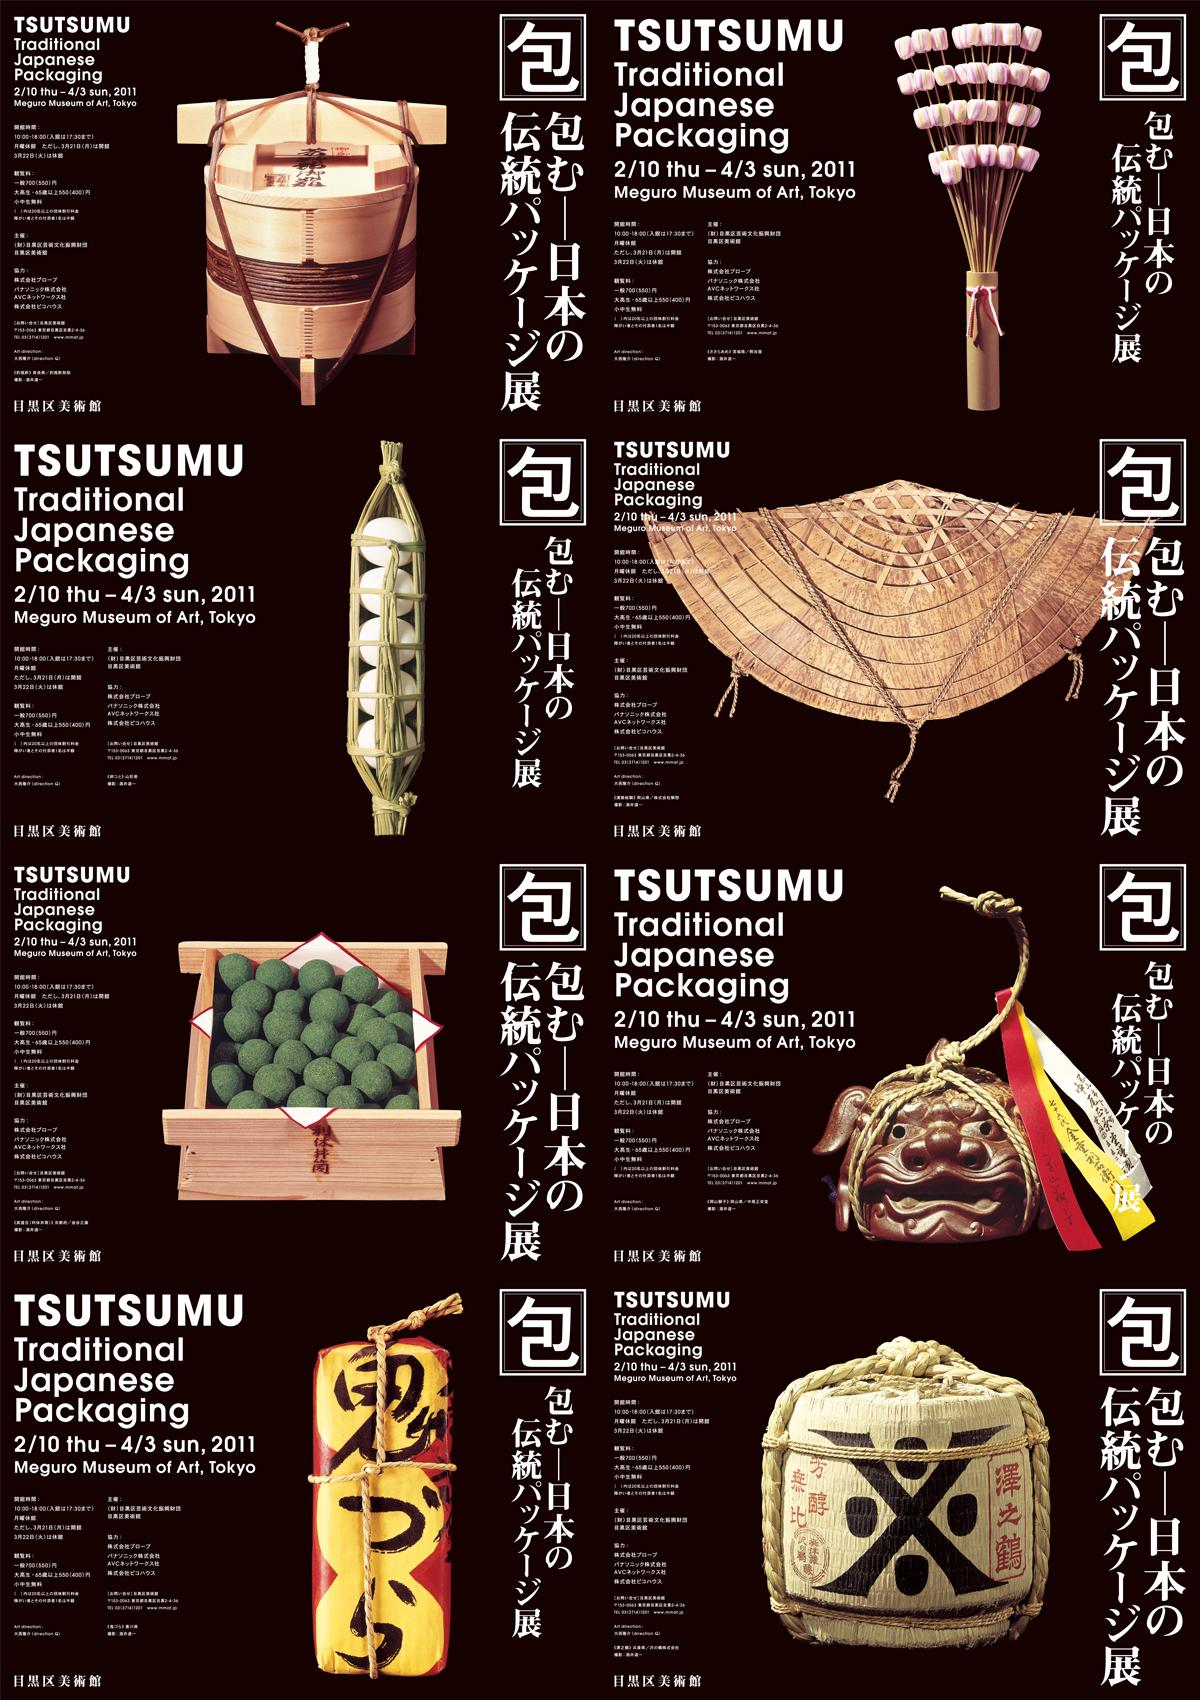 003_tsutsumu_graphic_1200px